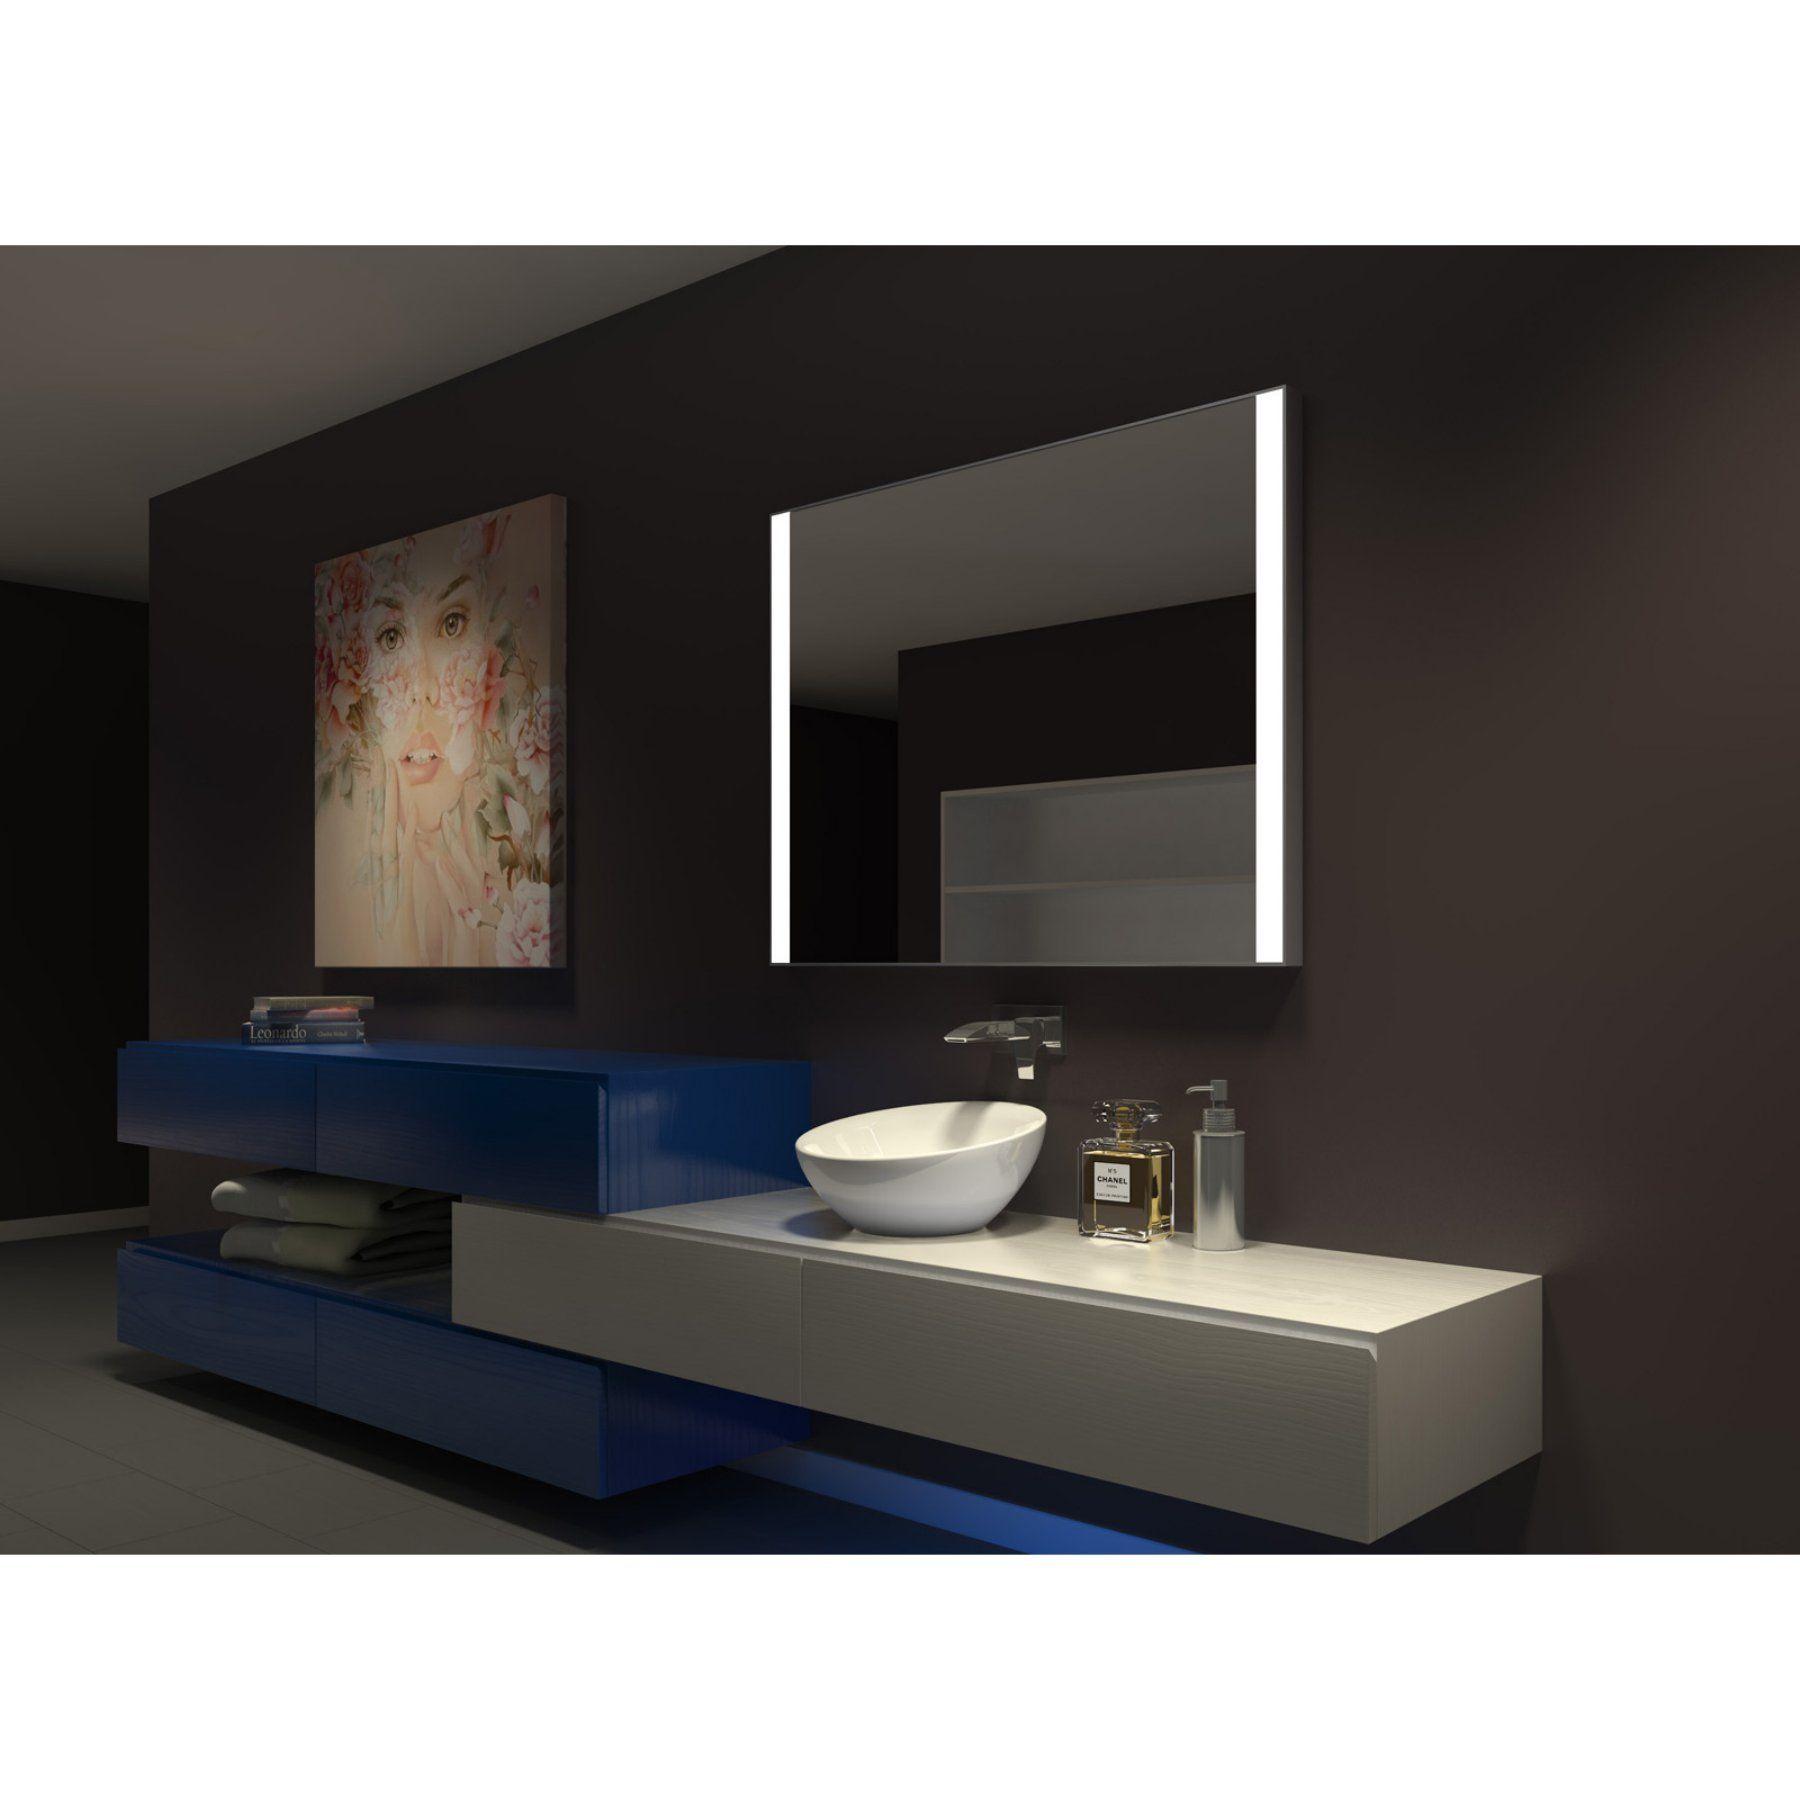 paris mirror galaxy ii illuminated bathroom wall mirror on custom bathroom vanity mirrors id=54148